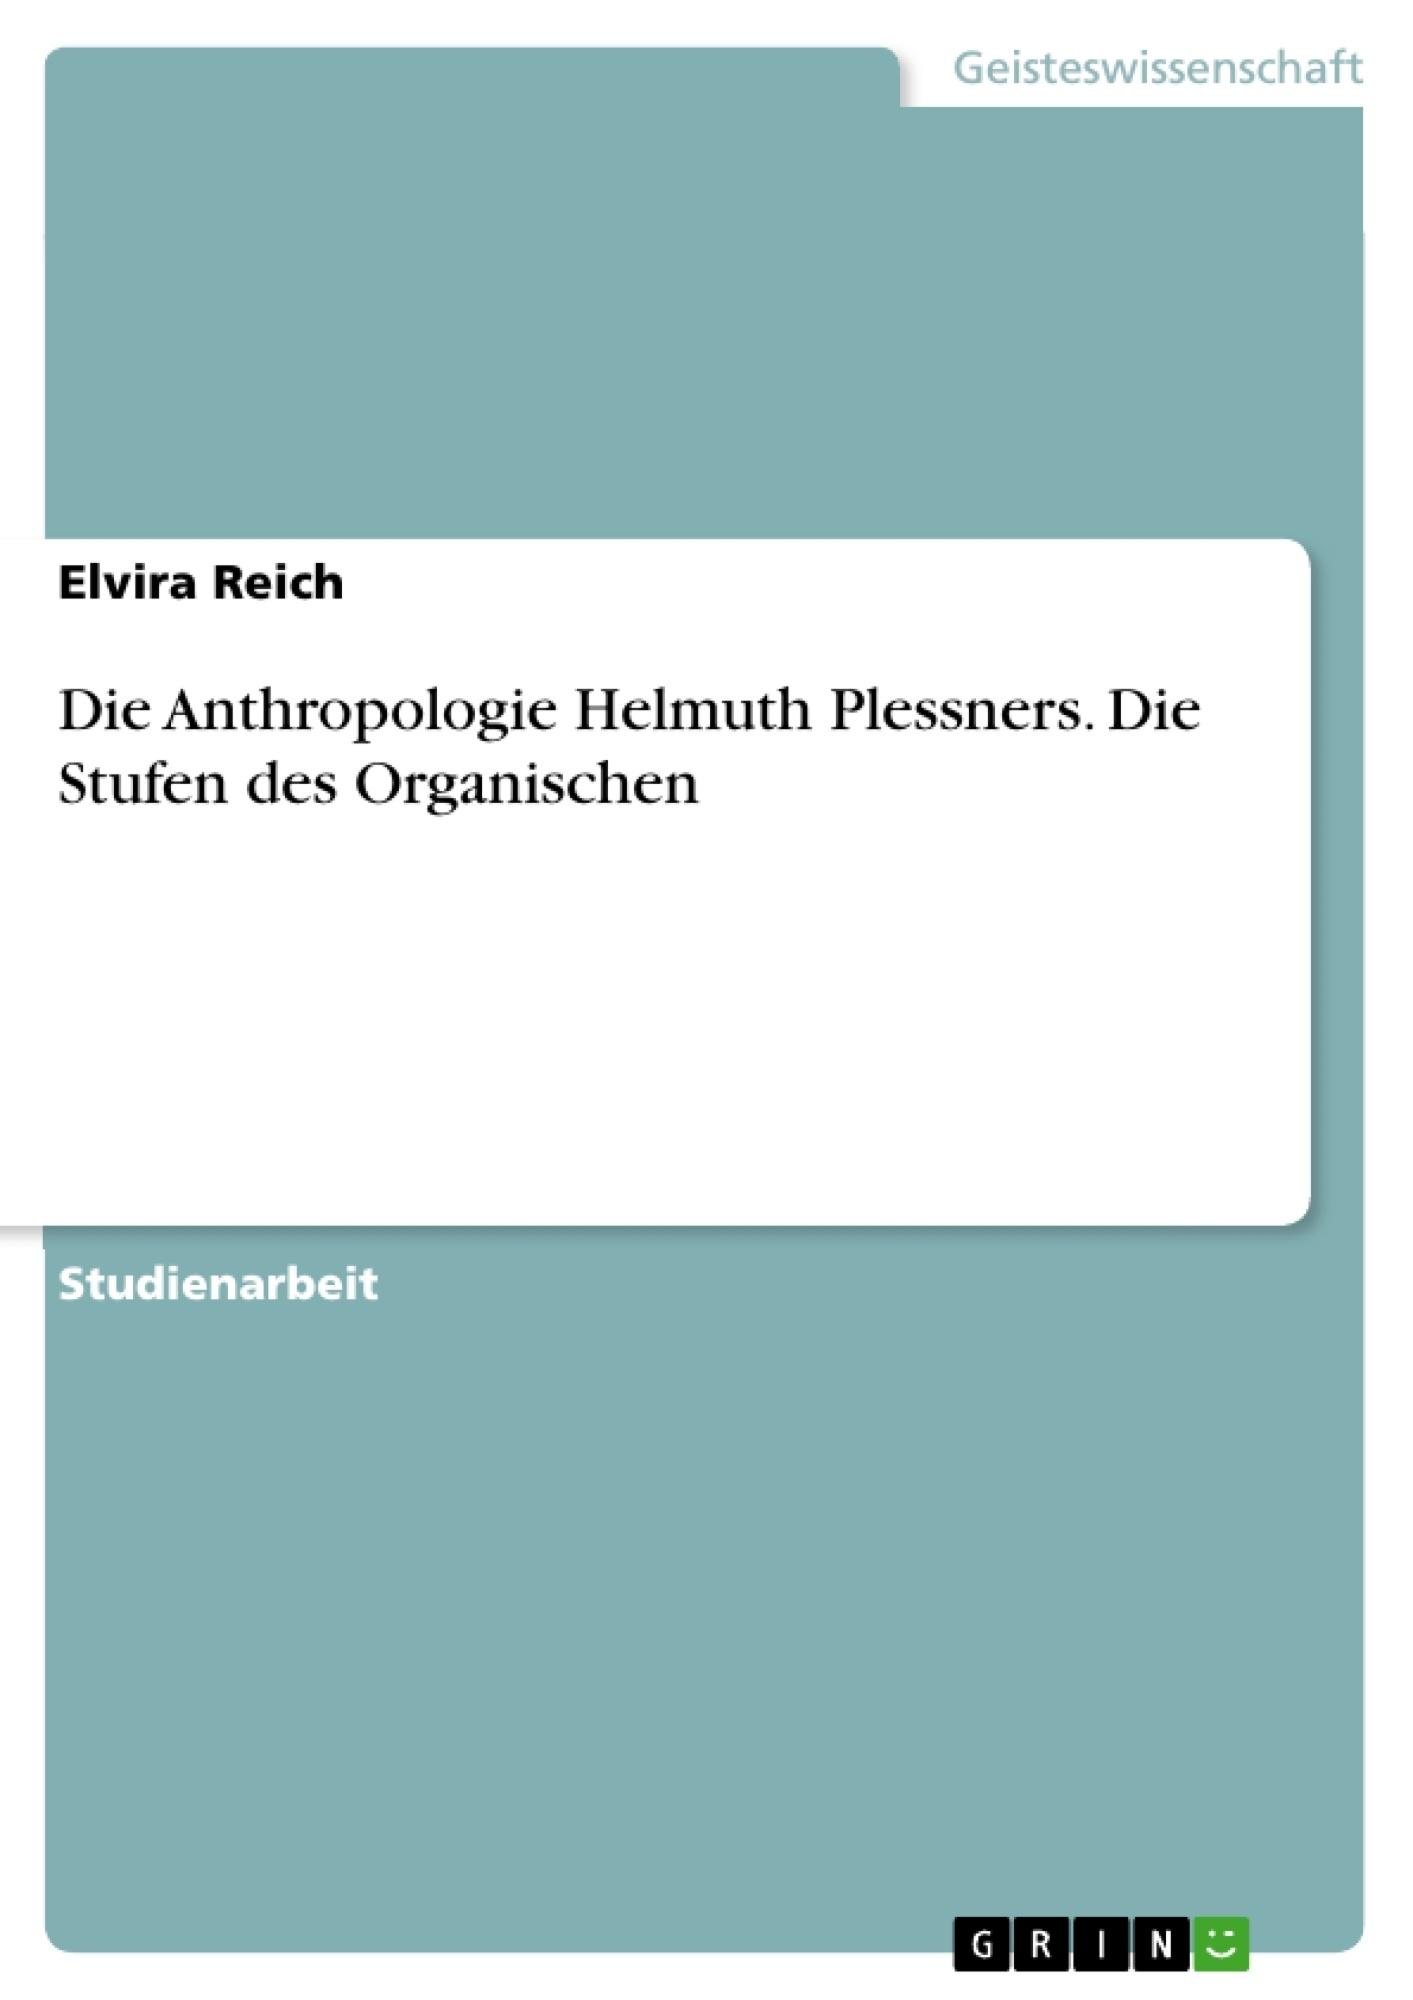 Titel: Die Anthropologie Helmuth Plessners. Die Stufen des Organischen